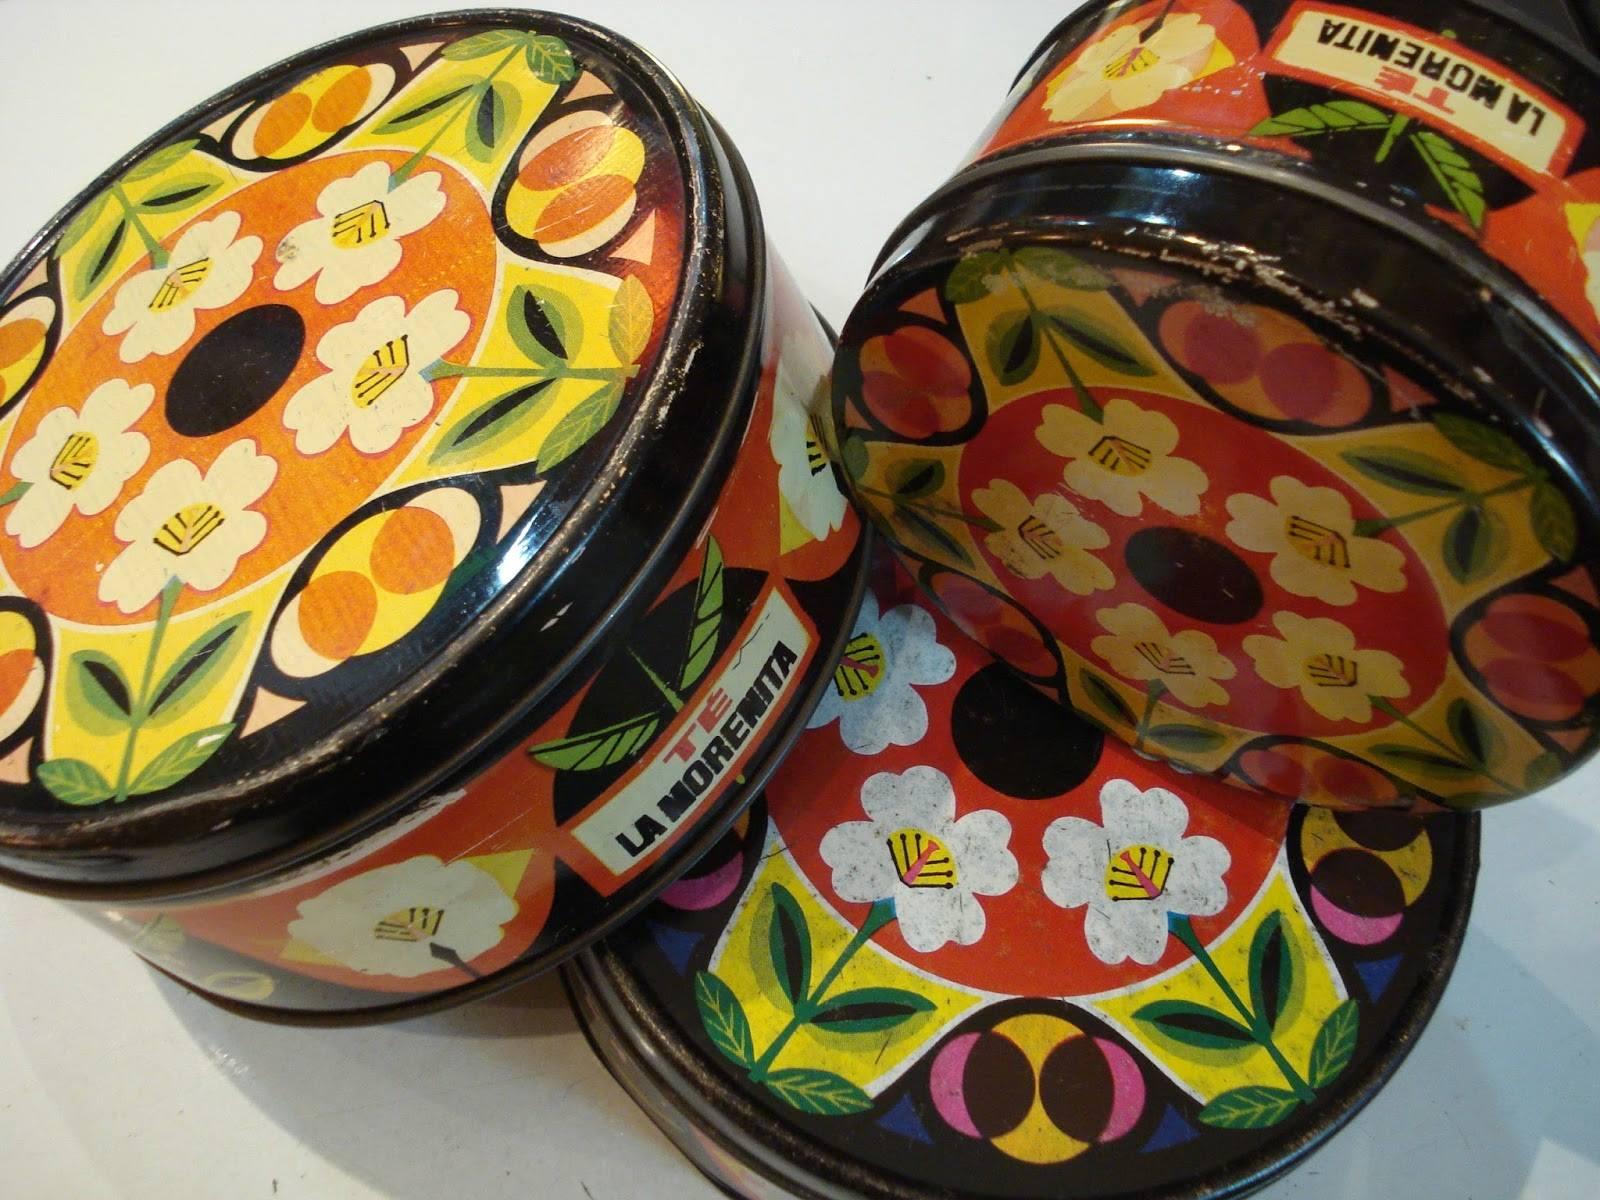 Latas decoradas la Morenita